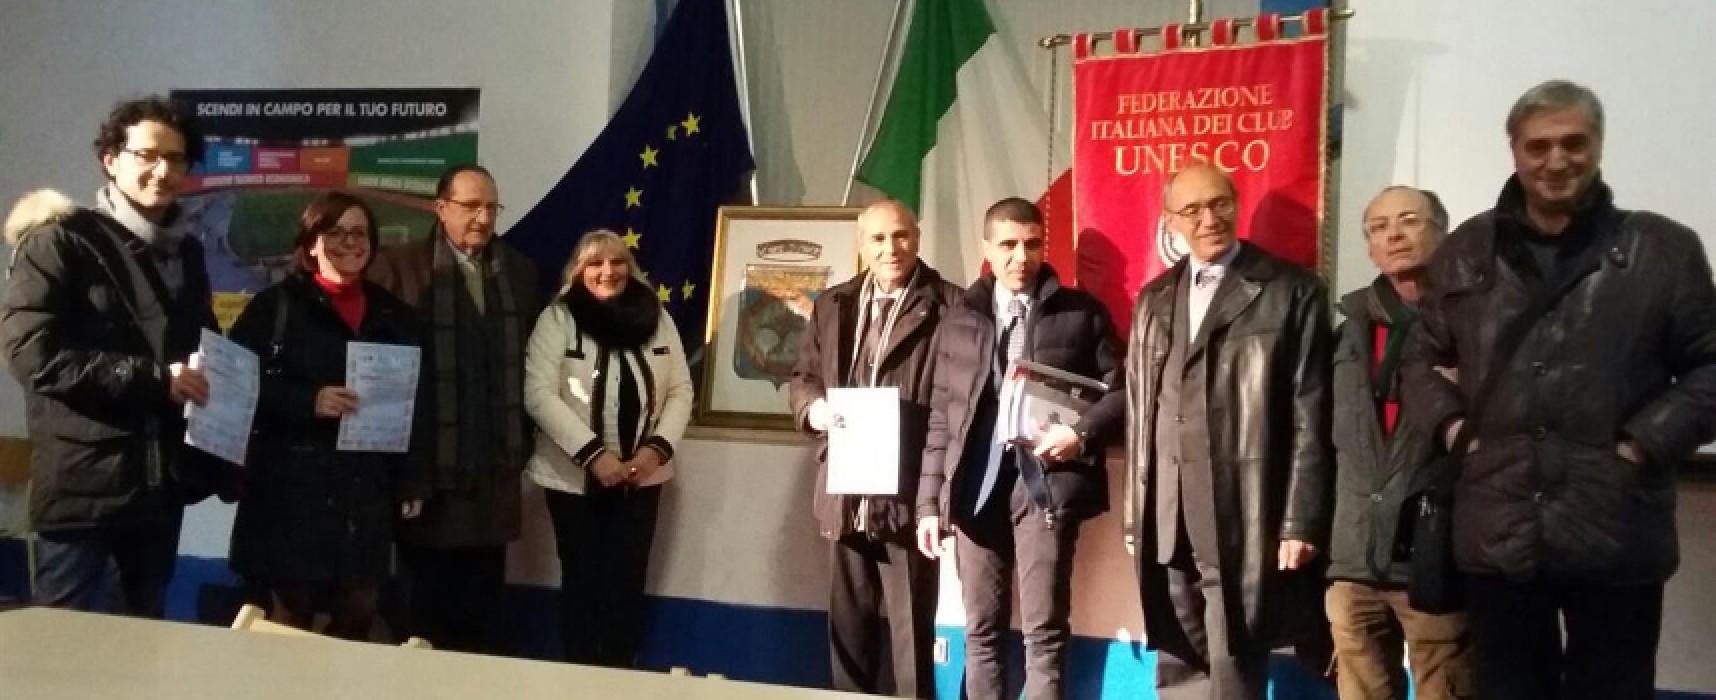 """Club Unesco Bisceglie, celebrazione della """"Giornata mondiale dei diritti umani"""" all'Istituto """"Dell'Olio"""""""